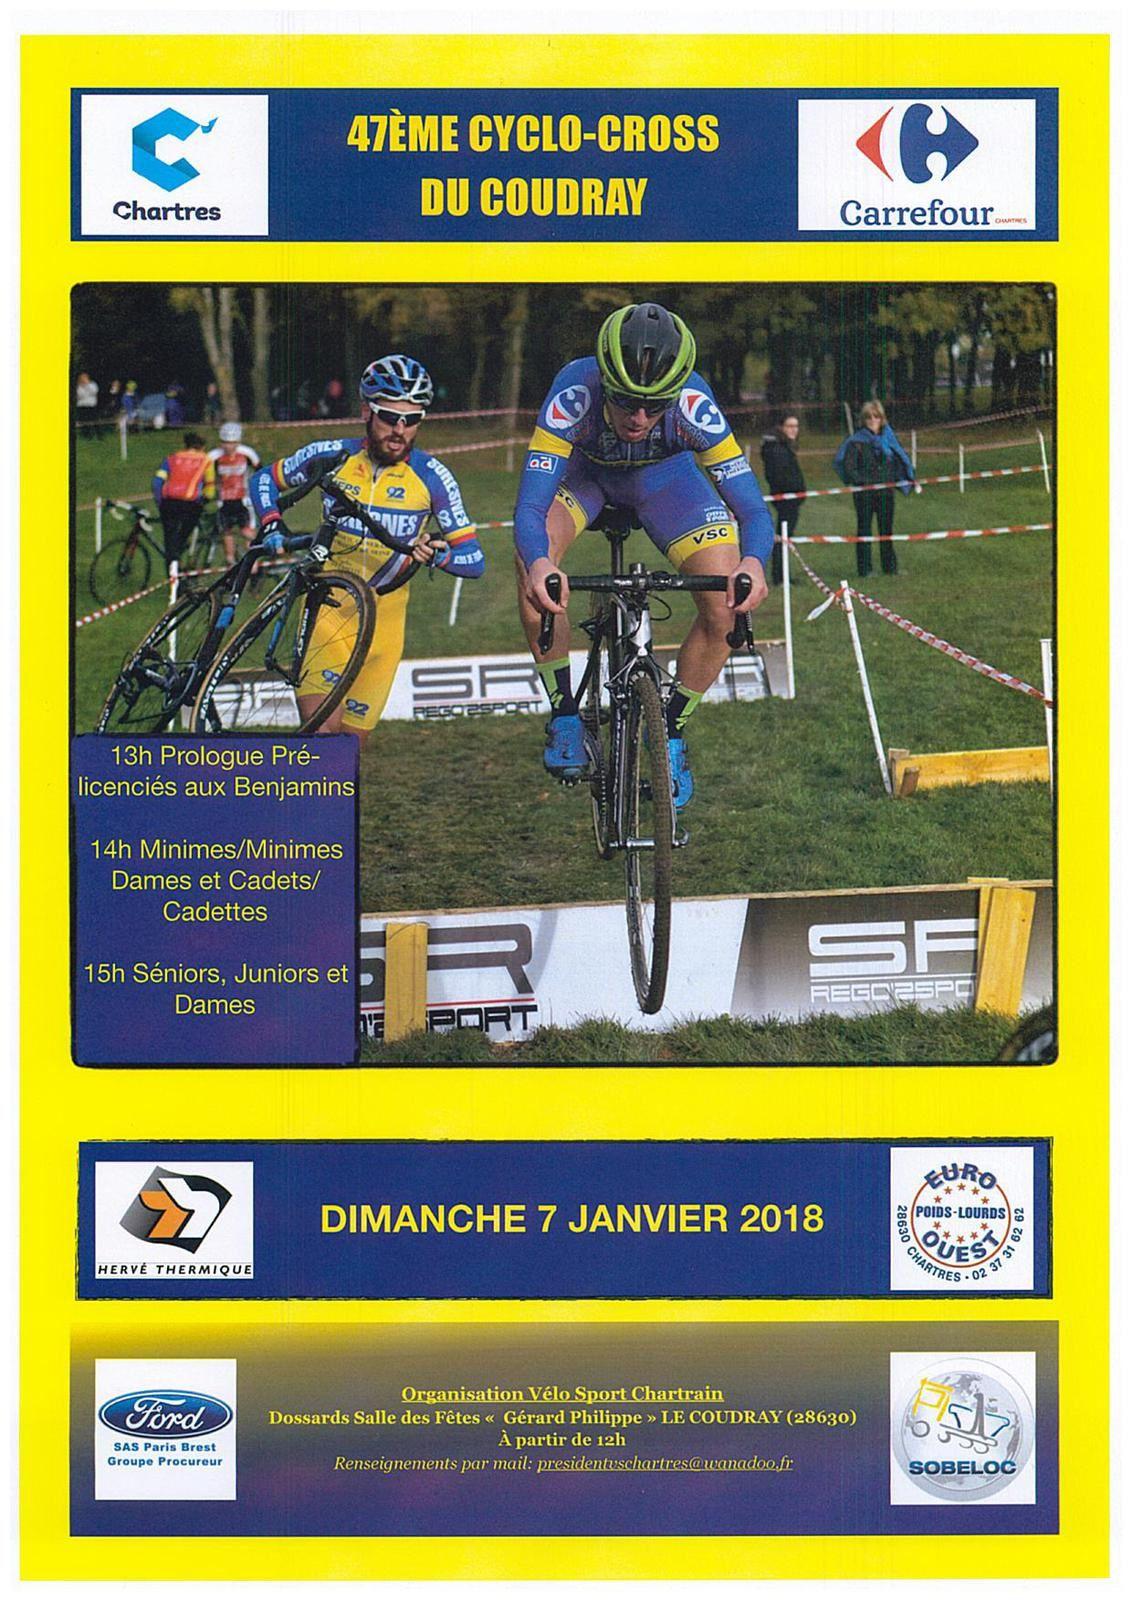 Les partants du 47ème cyclo-cross Du Coudray (28)